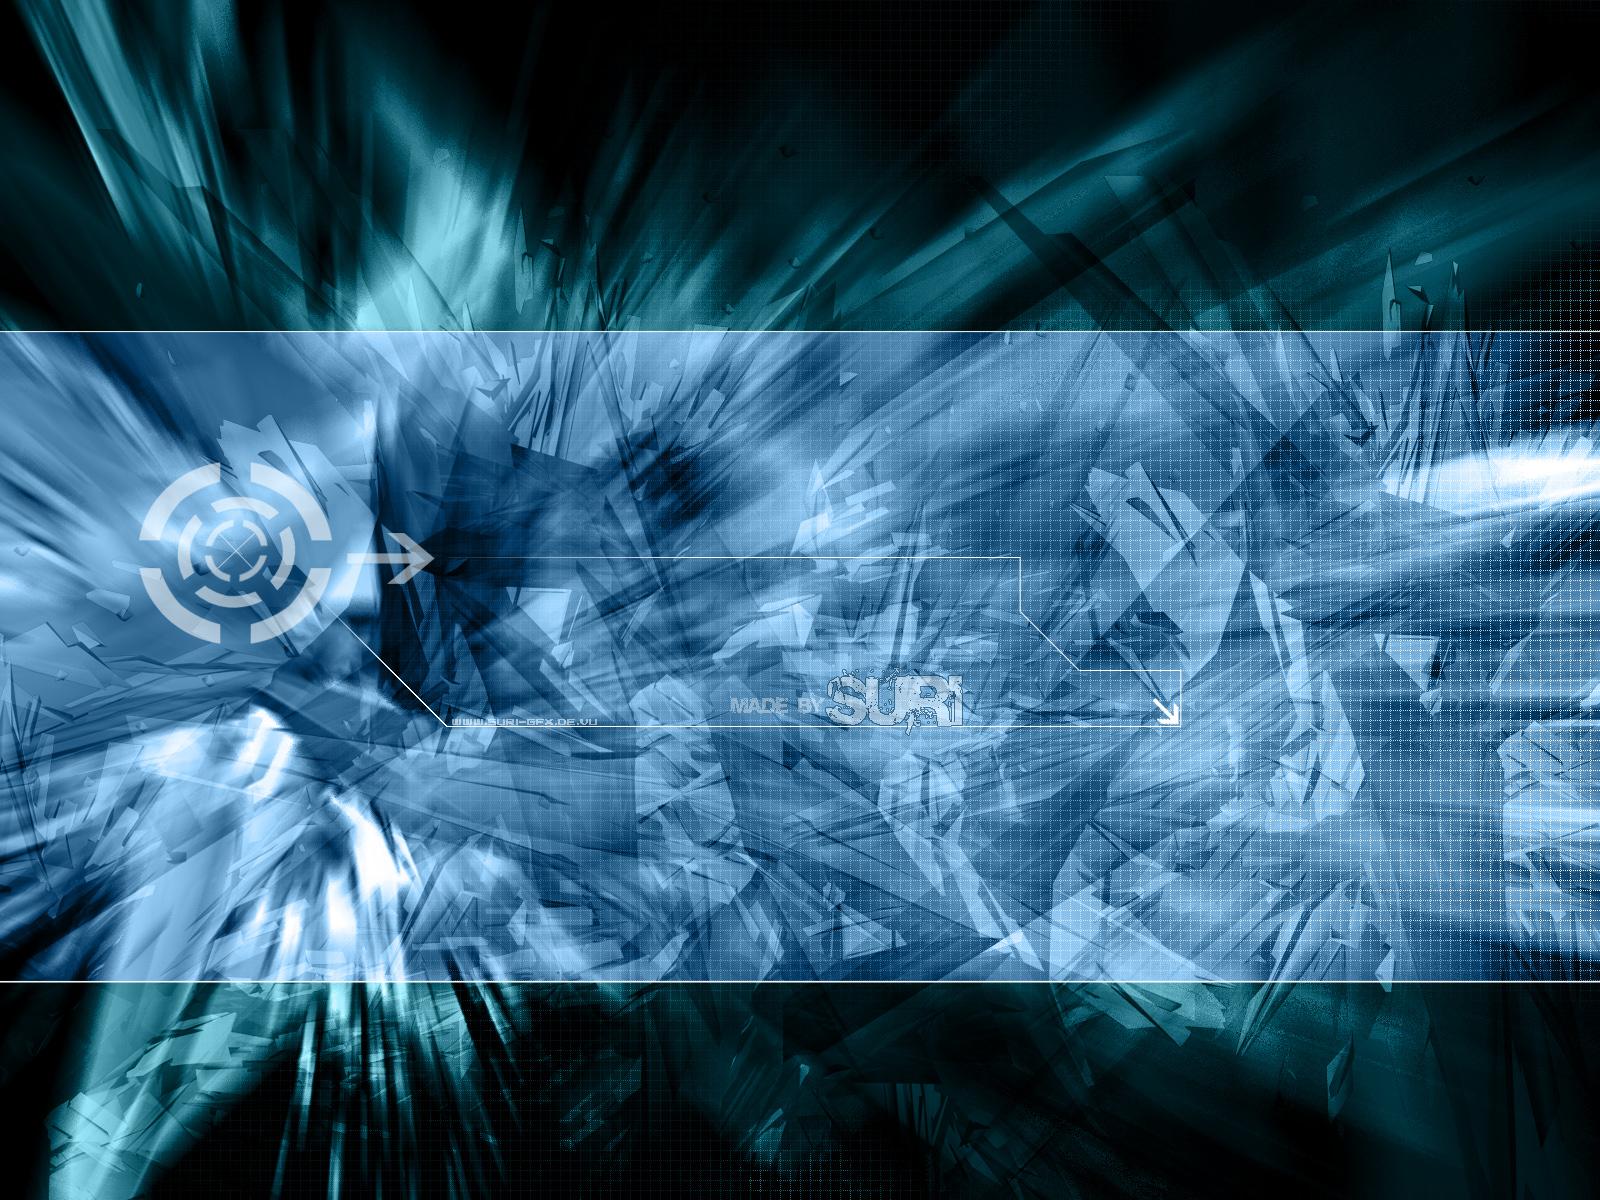 http://1.bp.blogspot.com/-KKHXg_Wdh20/Tpb-WNB2EGI/AAAAAAAAEL0/S8K6-znKnsg/s1600/Wallpaper%2525200015.jpg